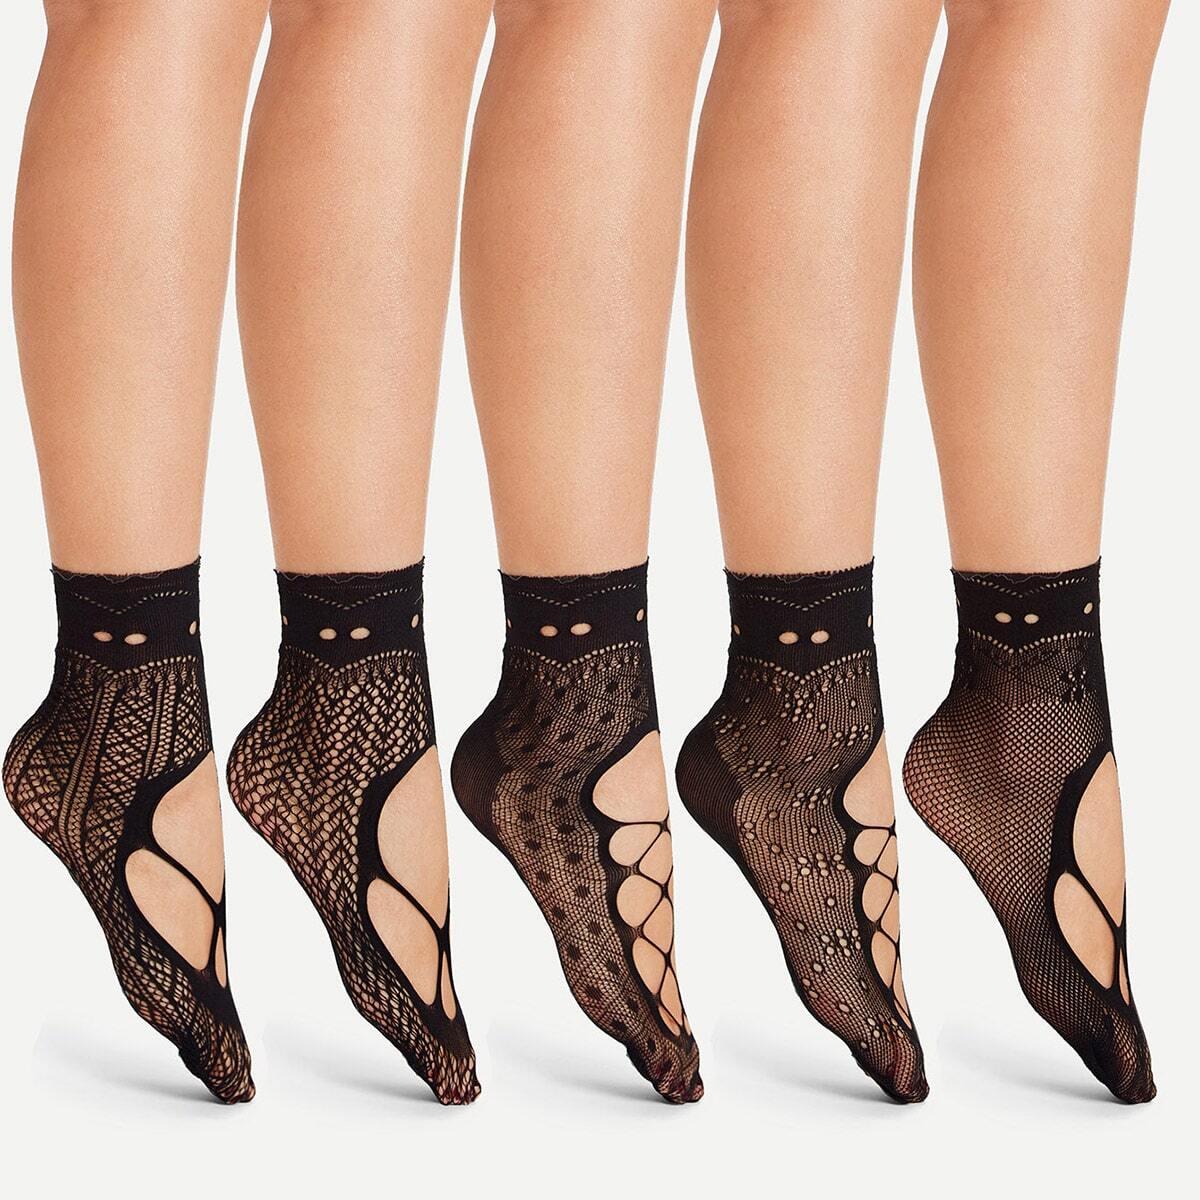 Выдолбленные чистые носки 5 пары фото